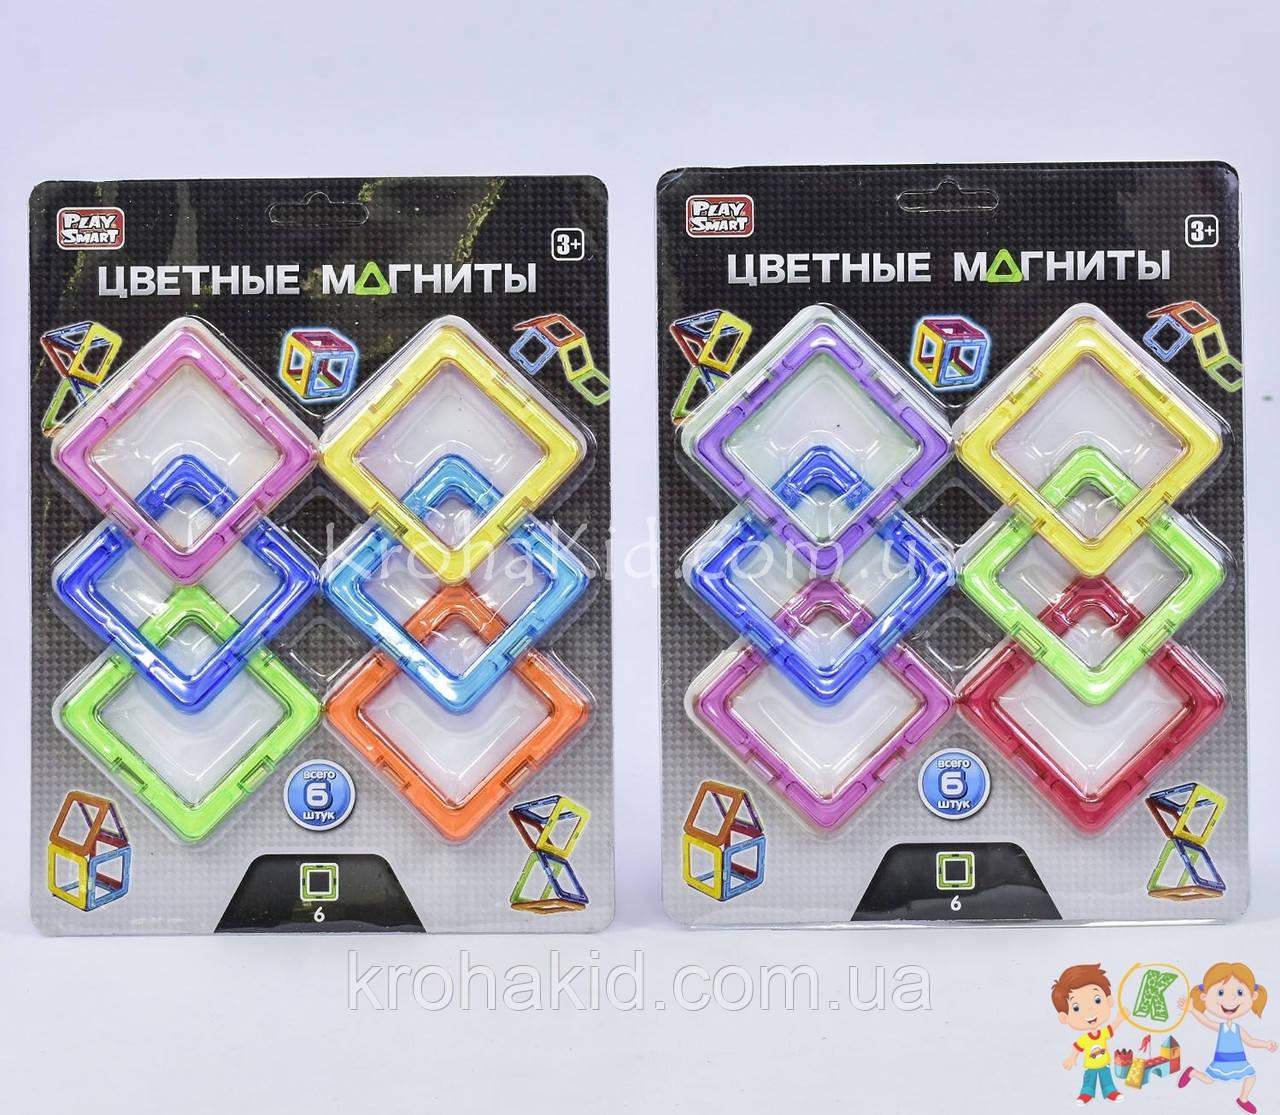 """Конструктор магнитный 2431 Play Smart """"Цветные магниты"""", 4 модели (6 деталей) на листе"""